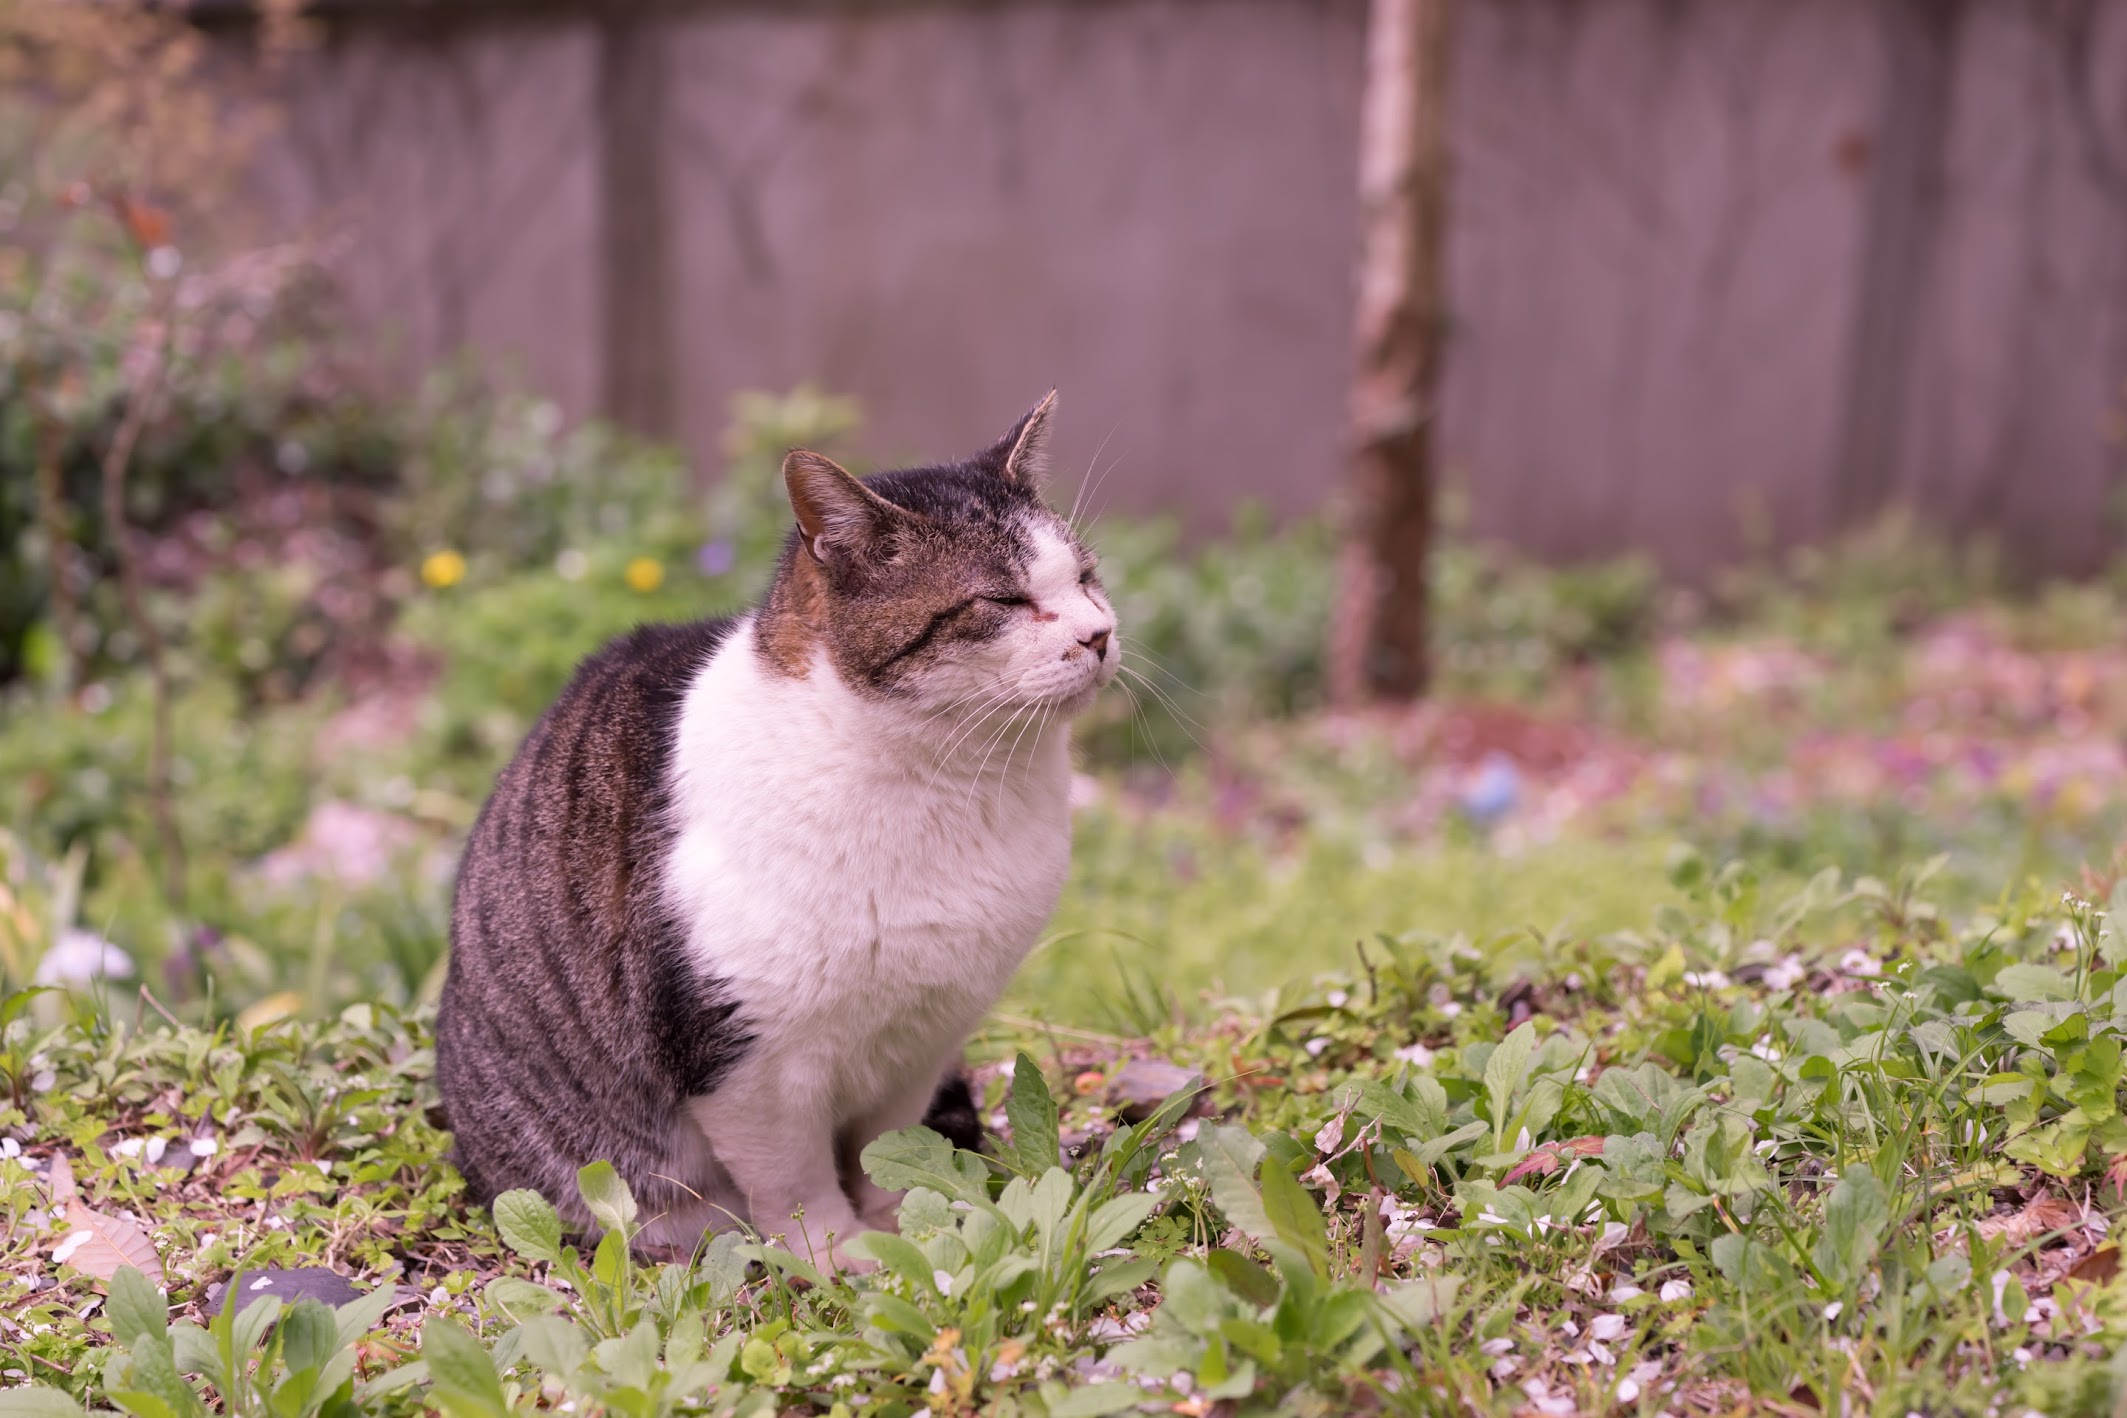 京都 哲学の道 猫1